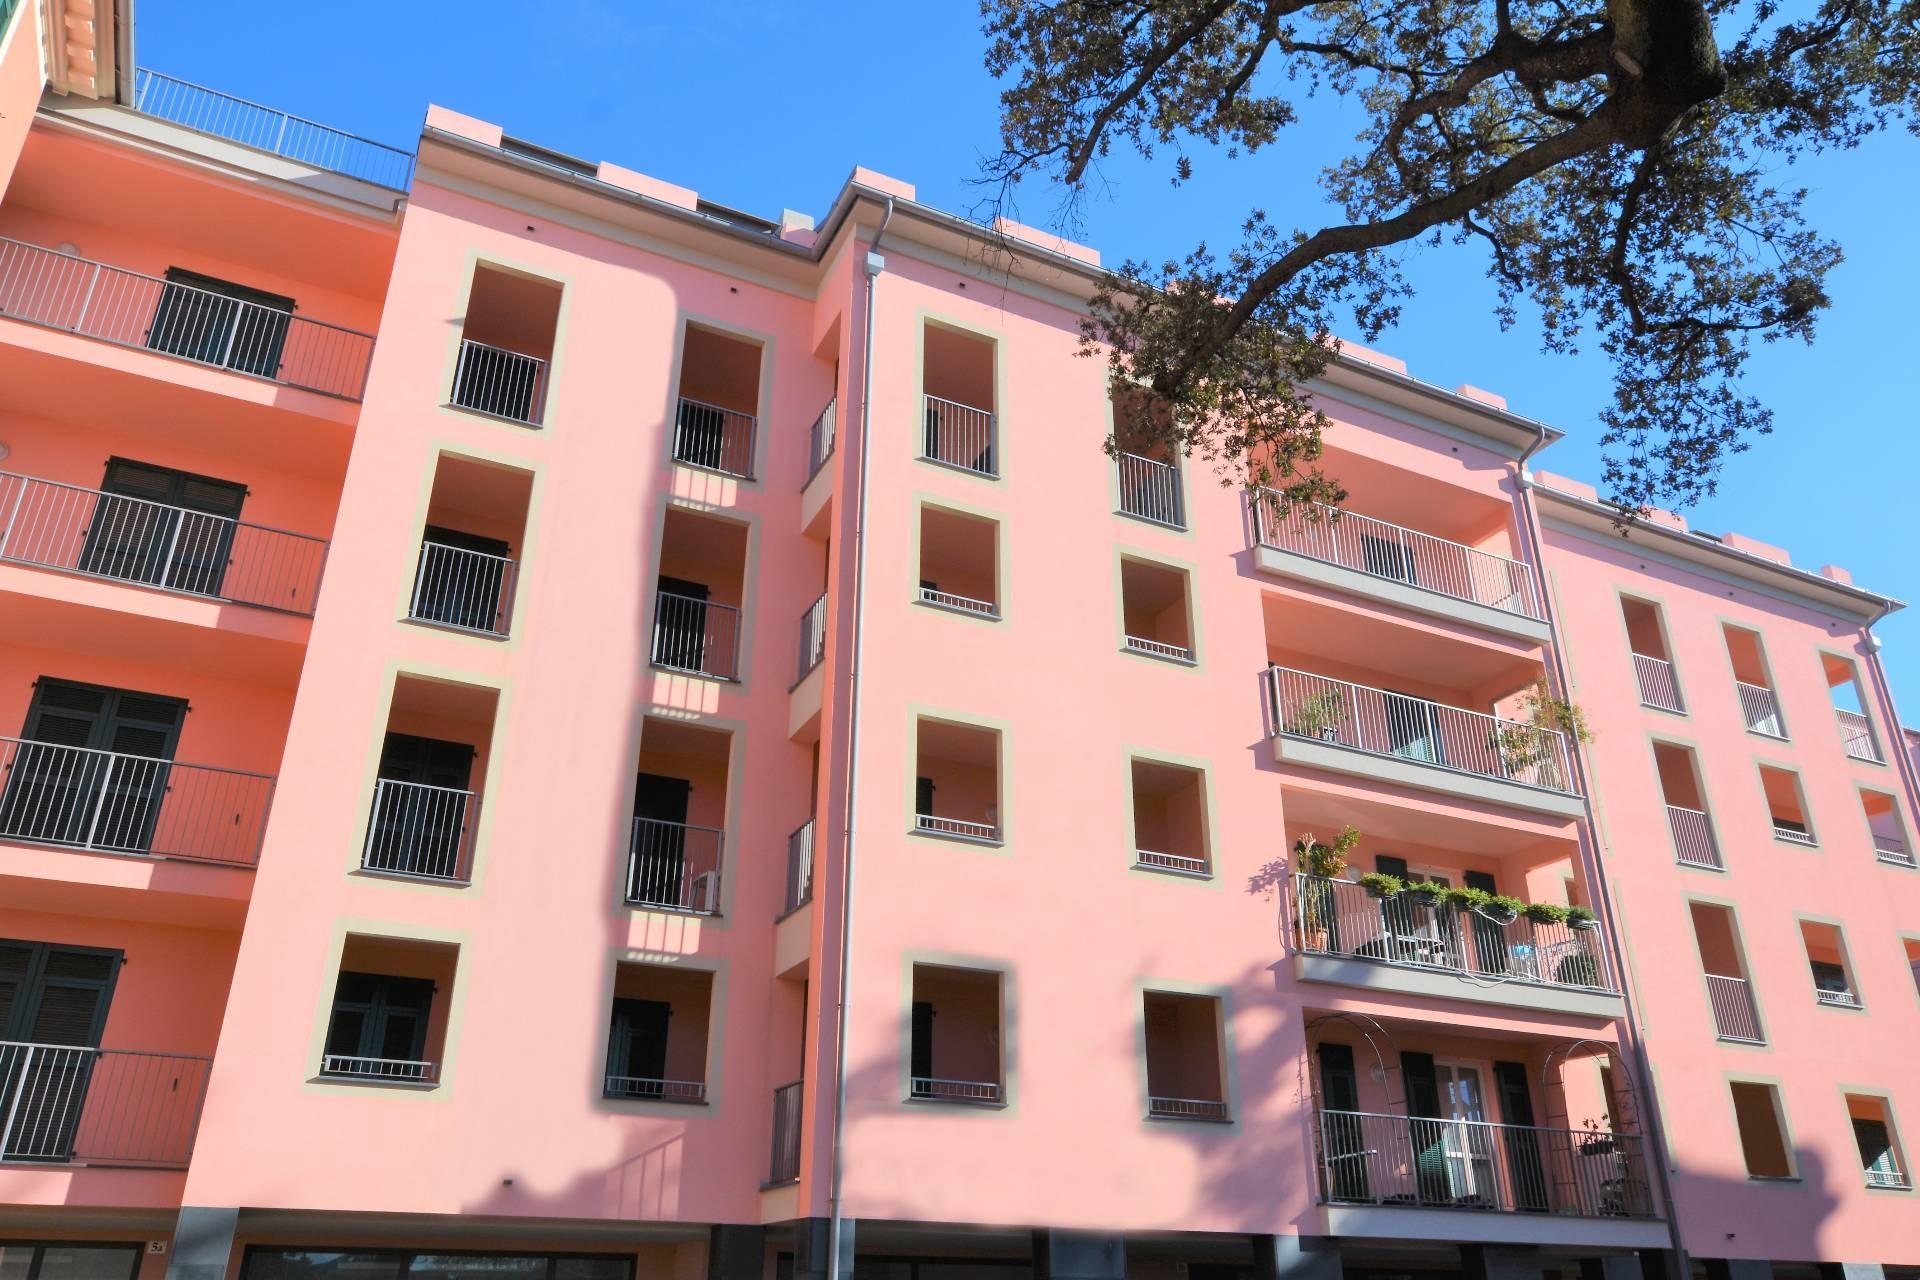 Appartamento in vendita a Lavagna, 3 locali, prezzo € 350.000 | PortaleAgenzieImmobiliari.it